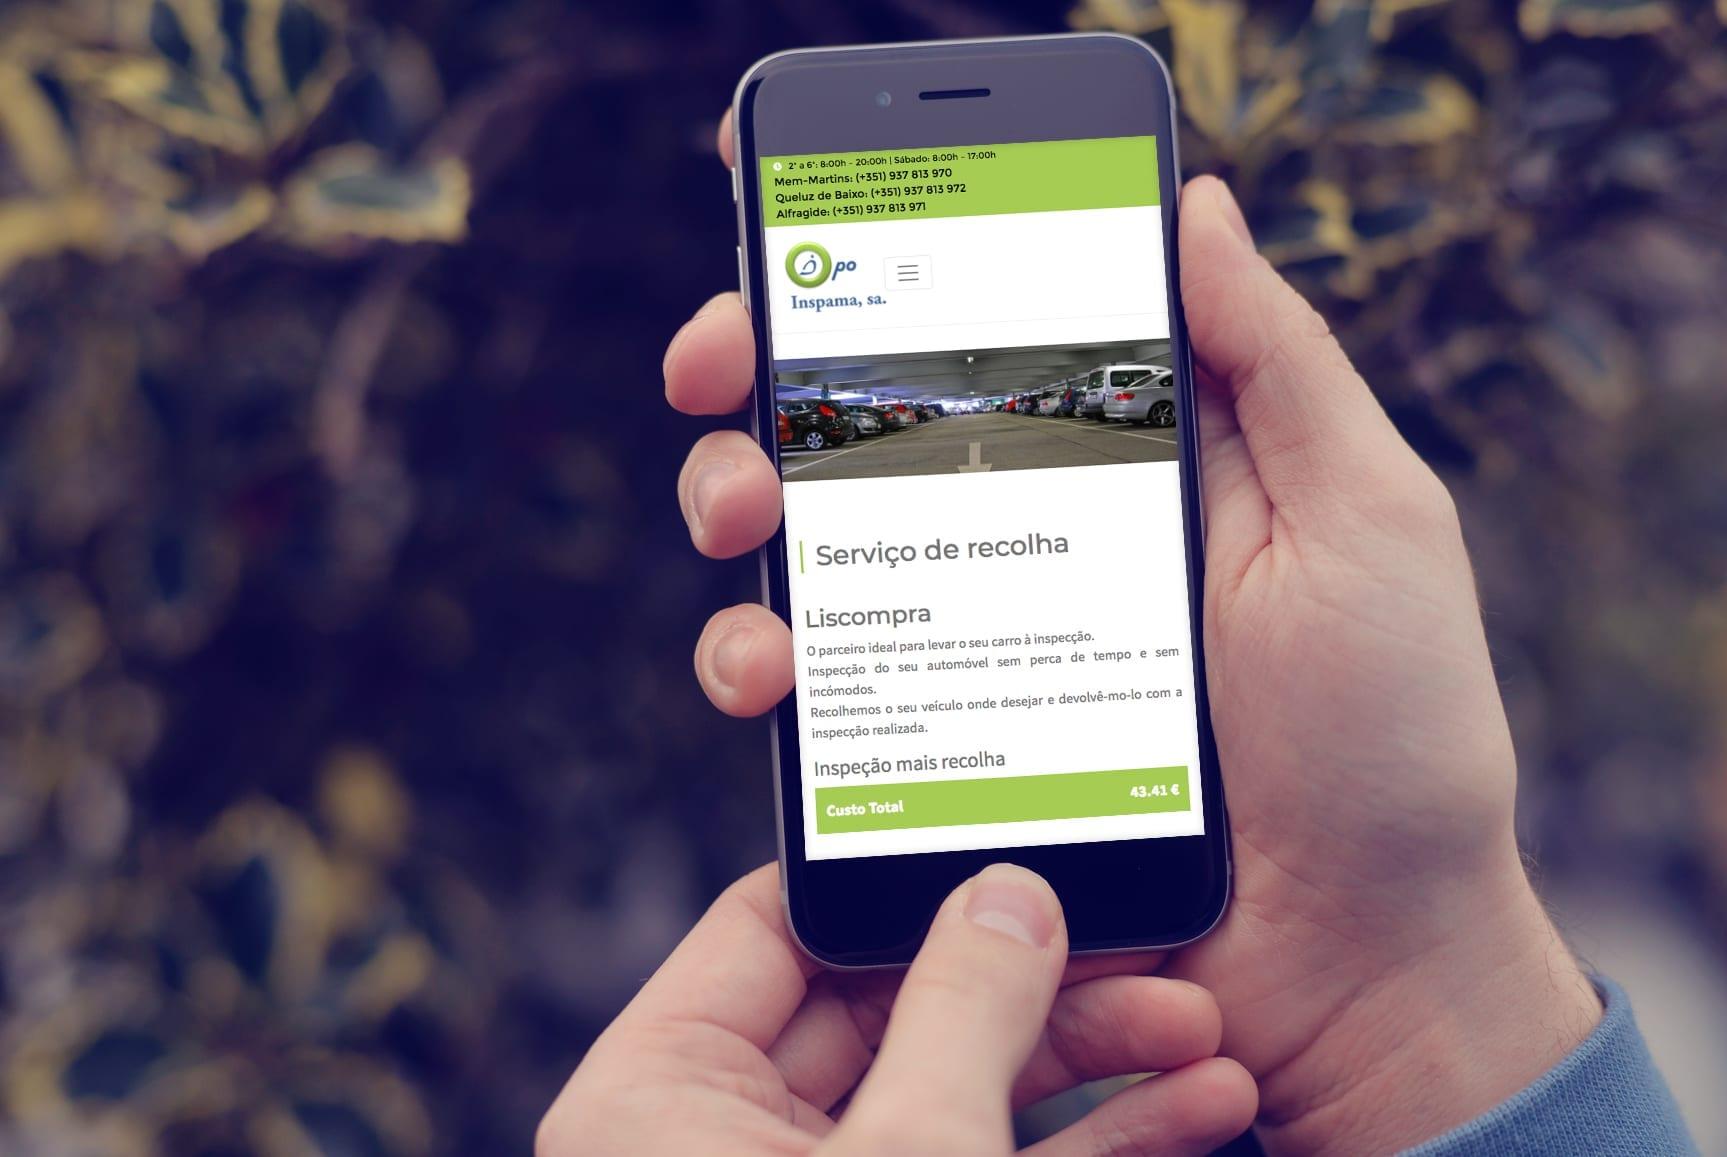 Dispositivo móvel representativo do site Inspama